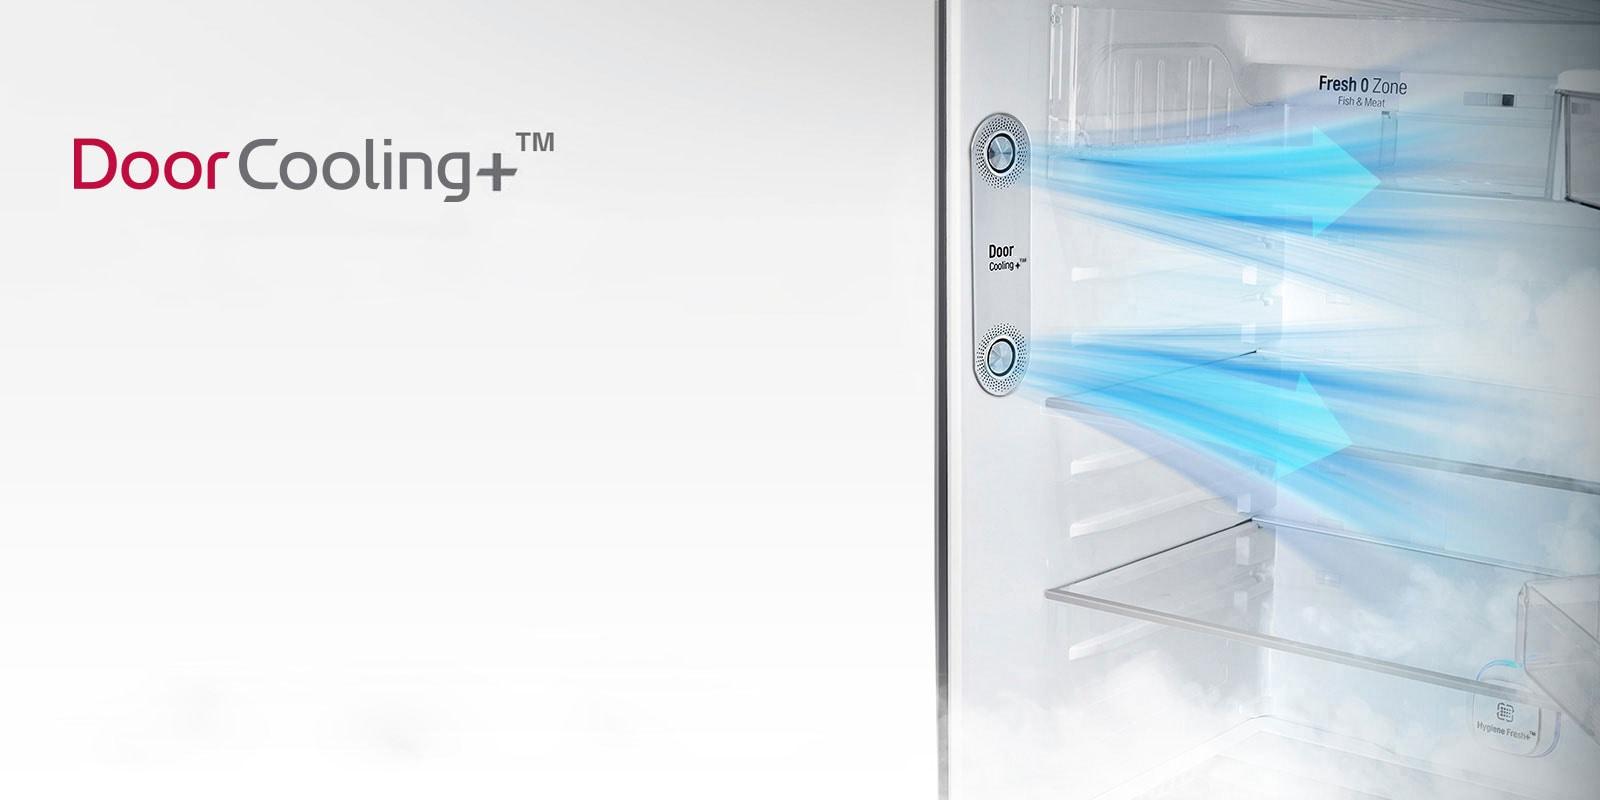 LG GL-T372JDSY 335 Ltr Door Cooling+